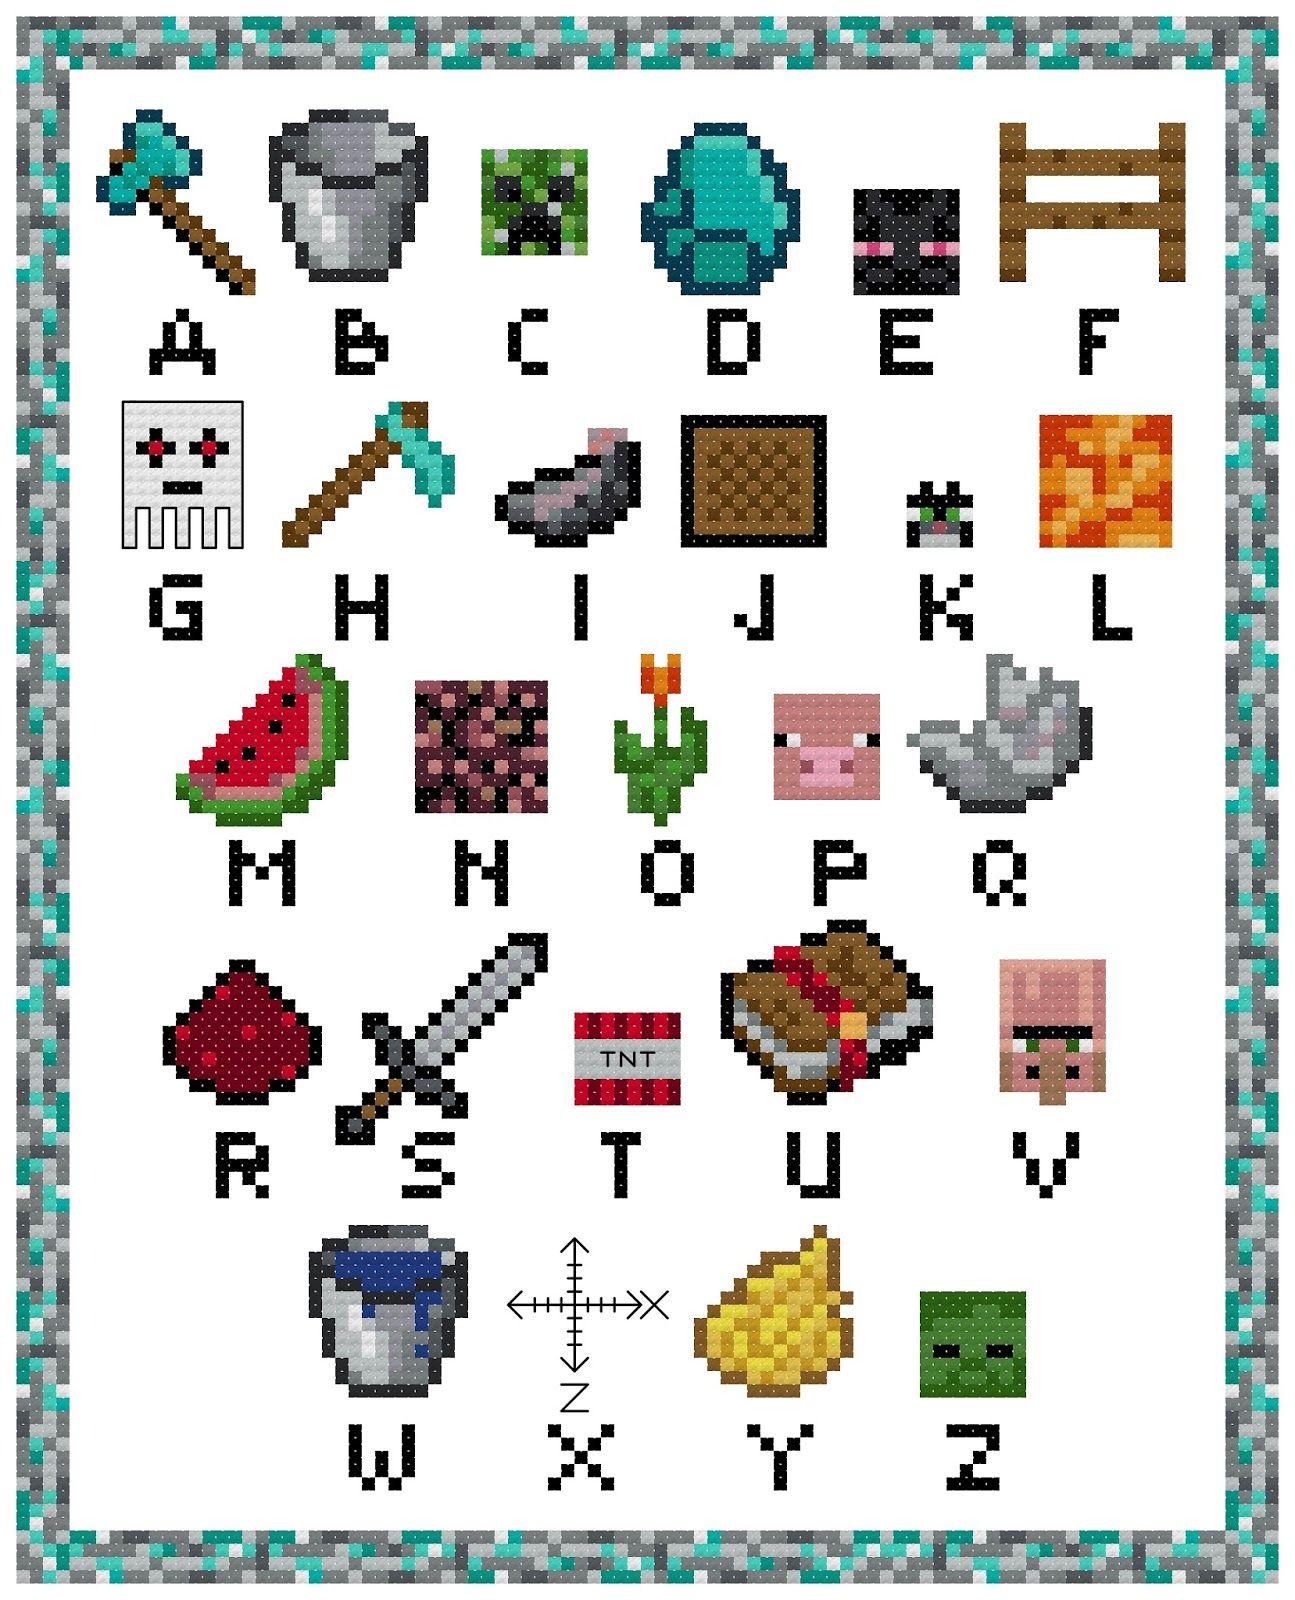 схема вышивания крестиком на тему майнкрафт #2